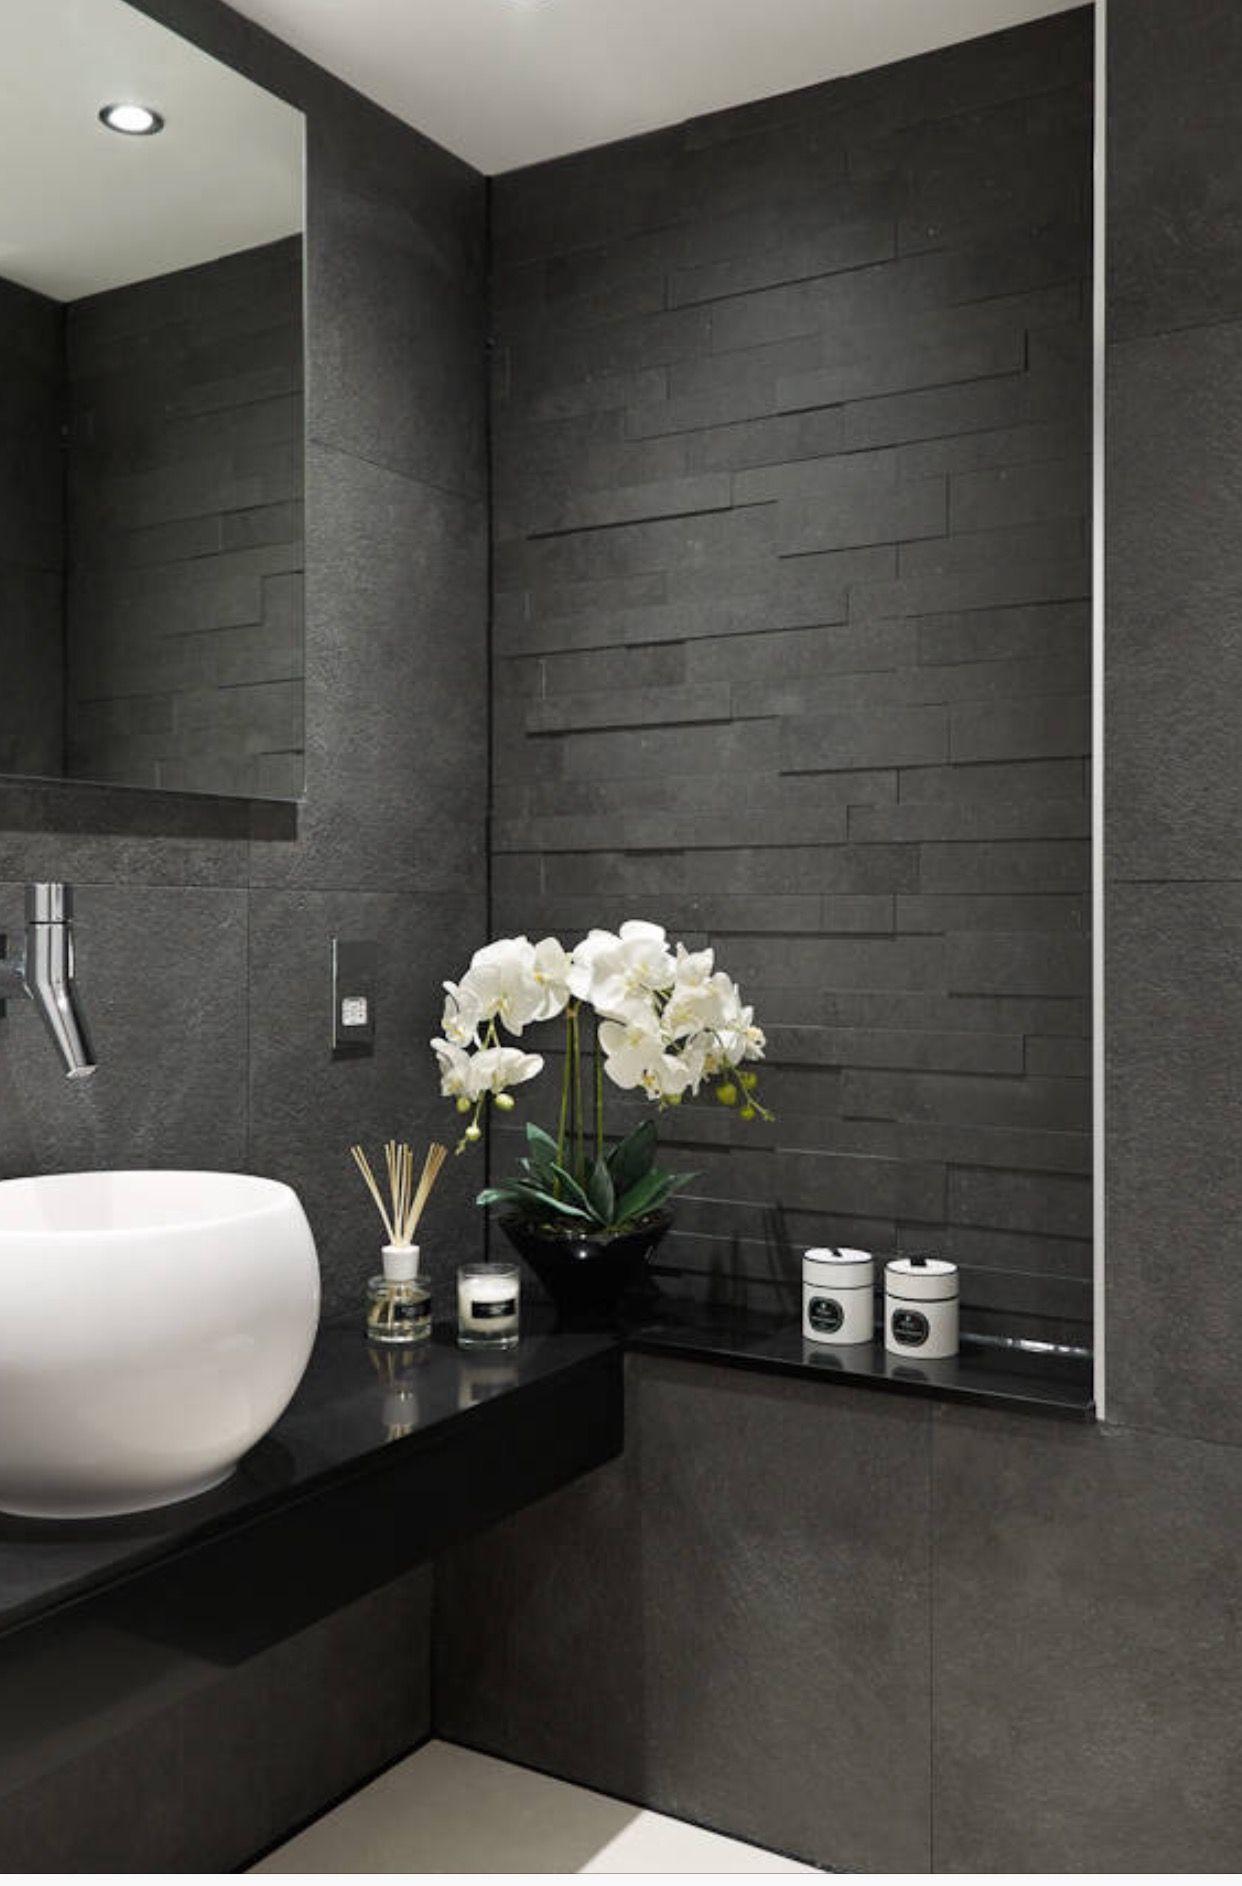 Pin By Pamela Roelke On Badezimmer Ideen Asiatisch Fliesen Modern